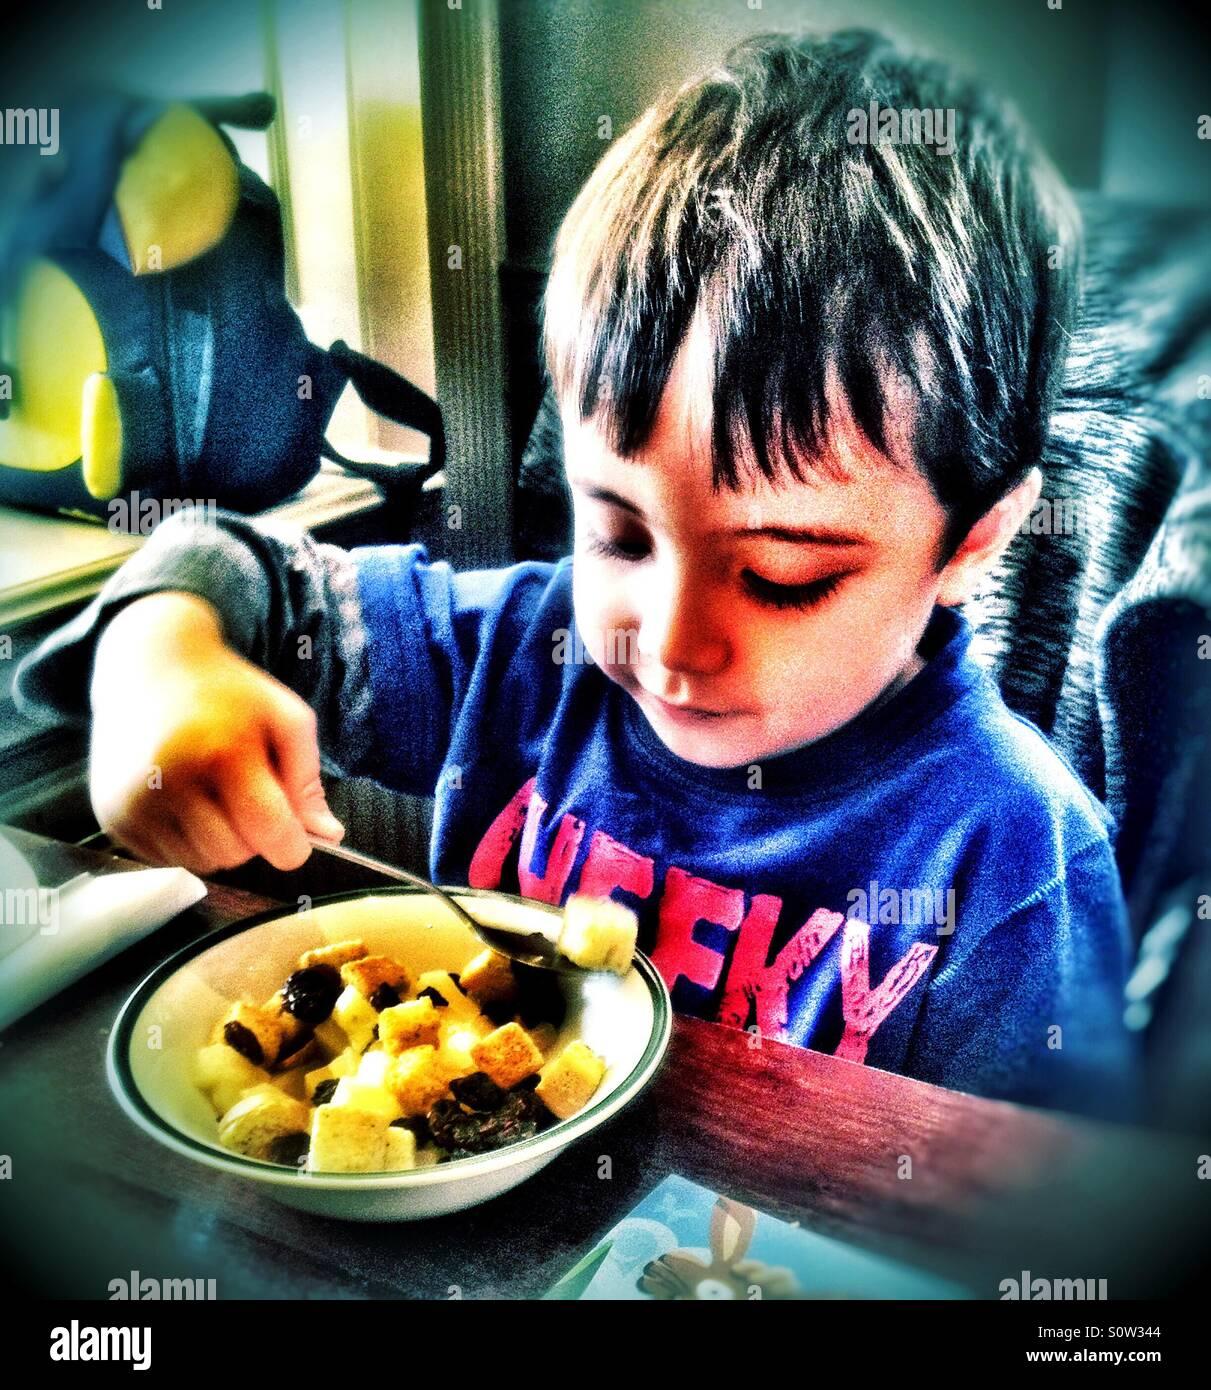 Ein kleiner Junge, einen gemischten Salat, Ananas, Mais, Rosinen und Croutons zu essen. Stockbild